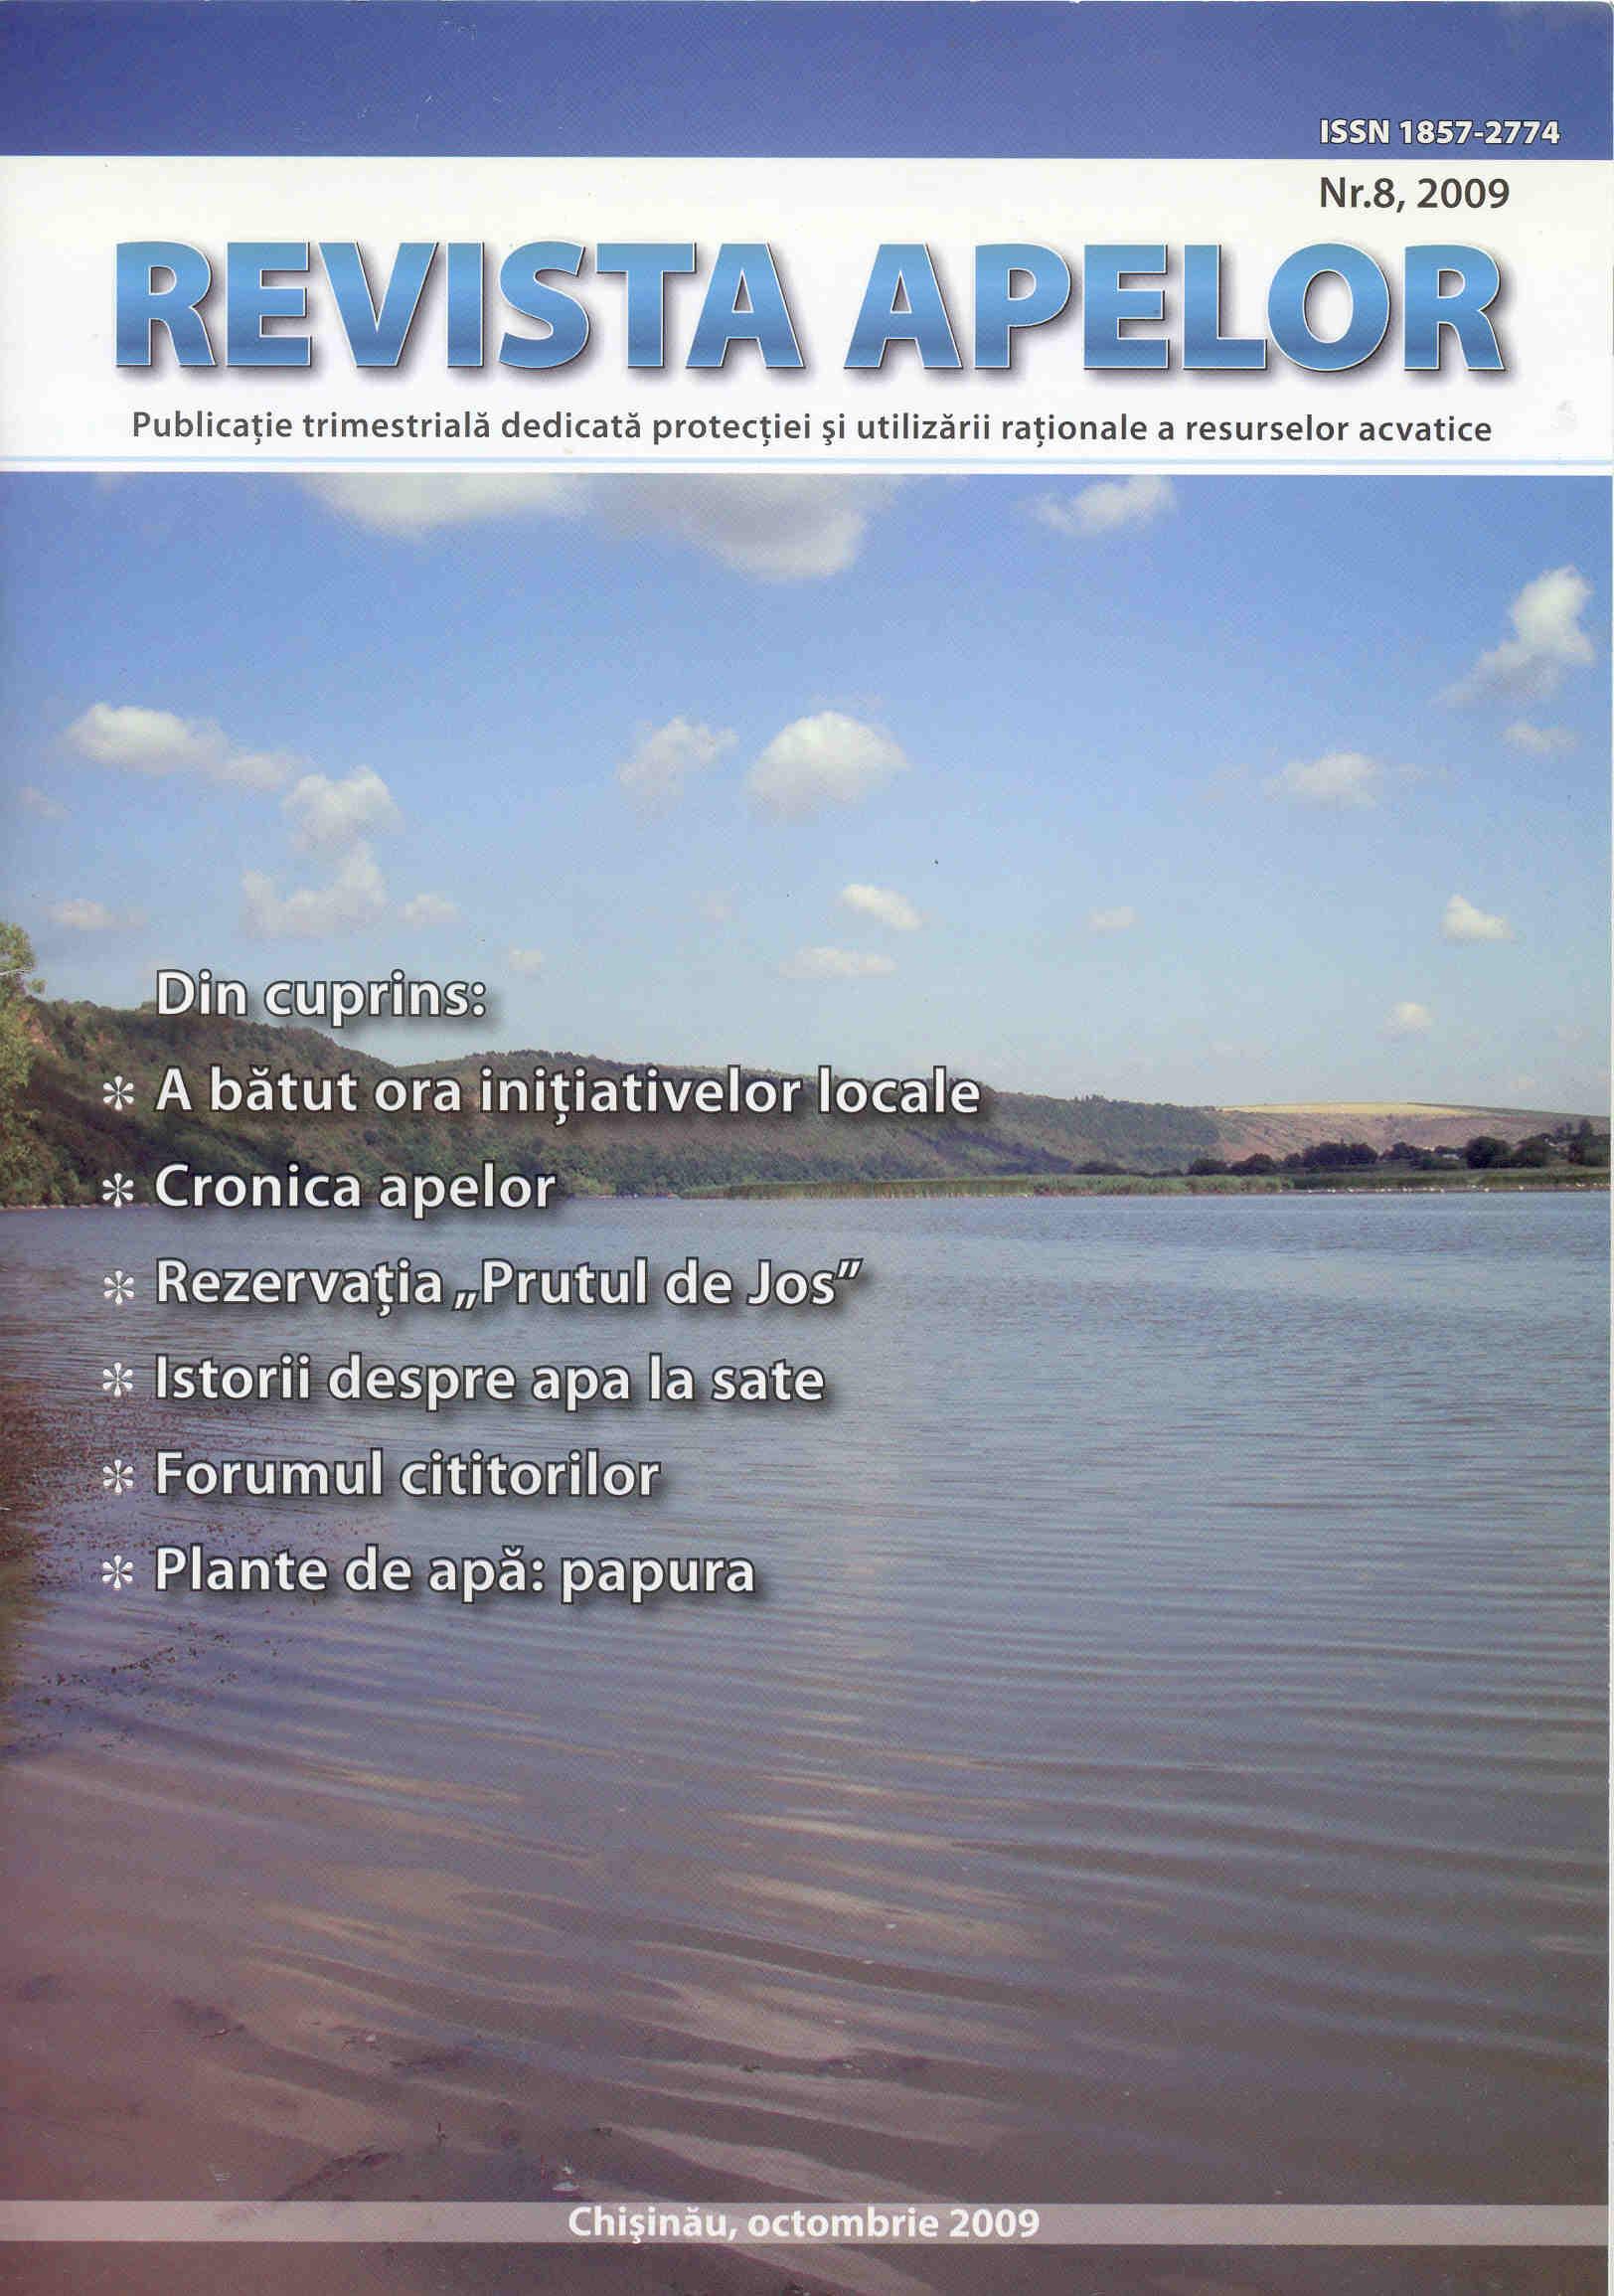 Revista apelor